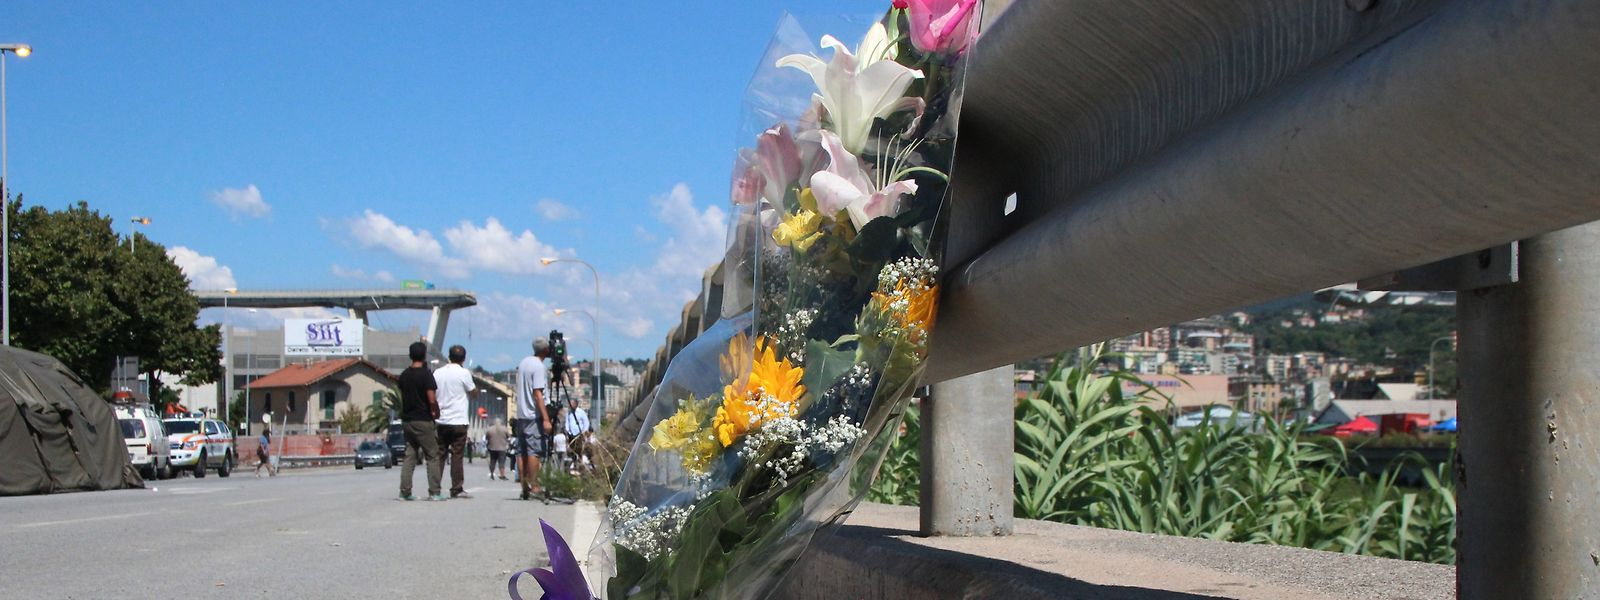 Ein Blumenstrauss steht in einiger Entfernung von der eingestürzten Brücke.